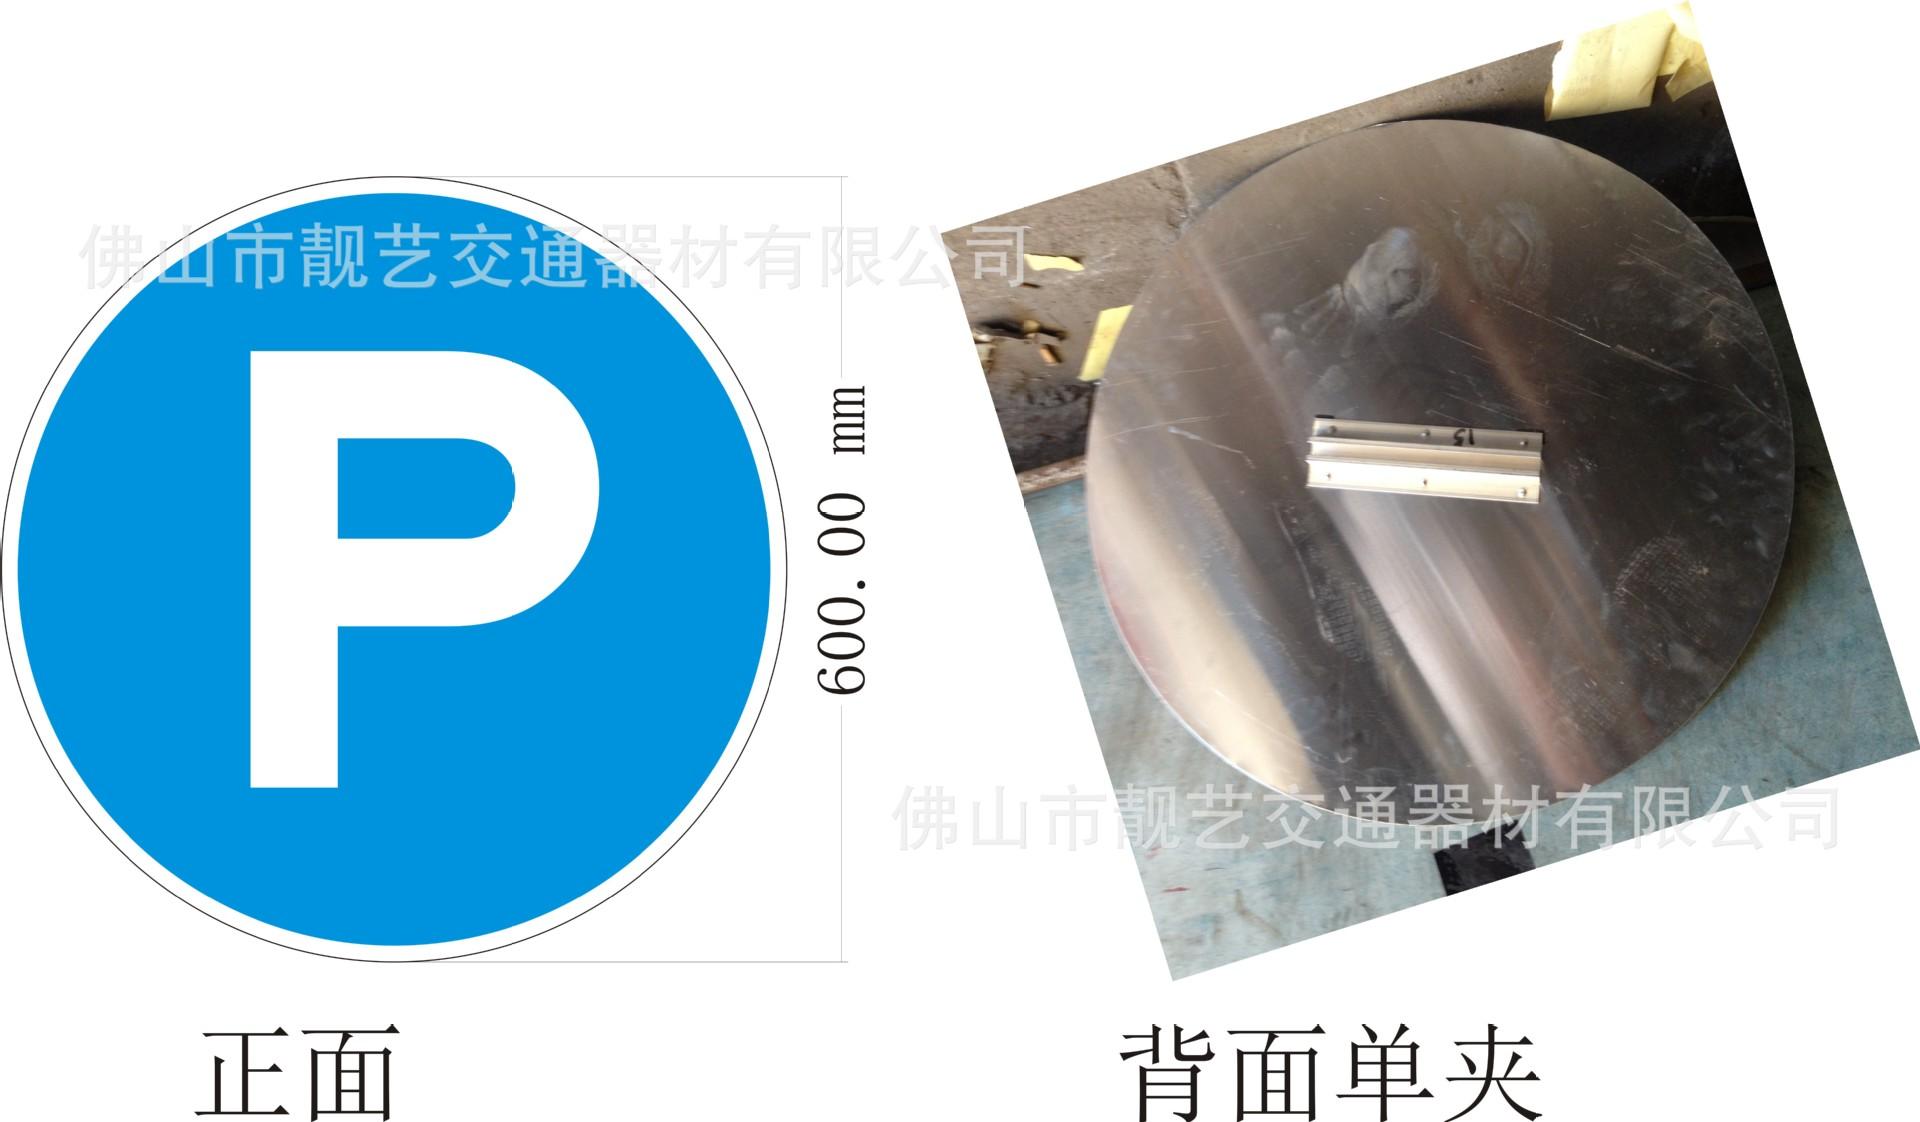 P字指示标志-圆直径600反光路牌停车标志牌